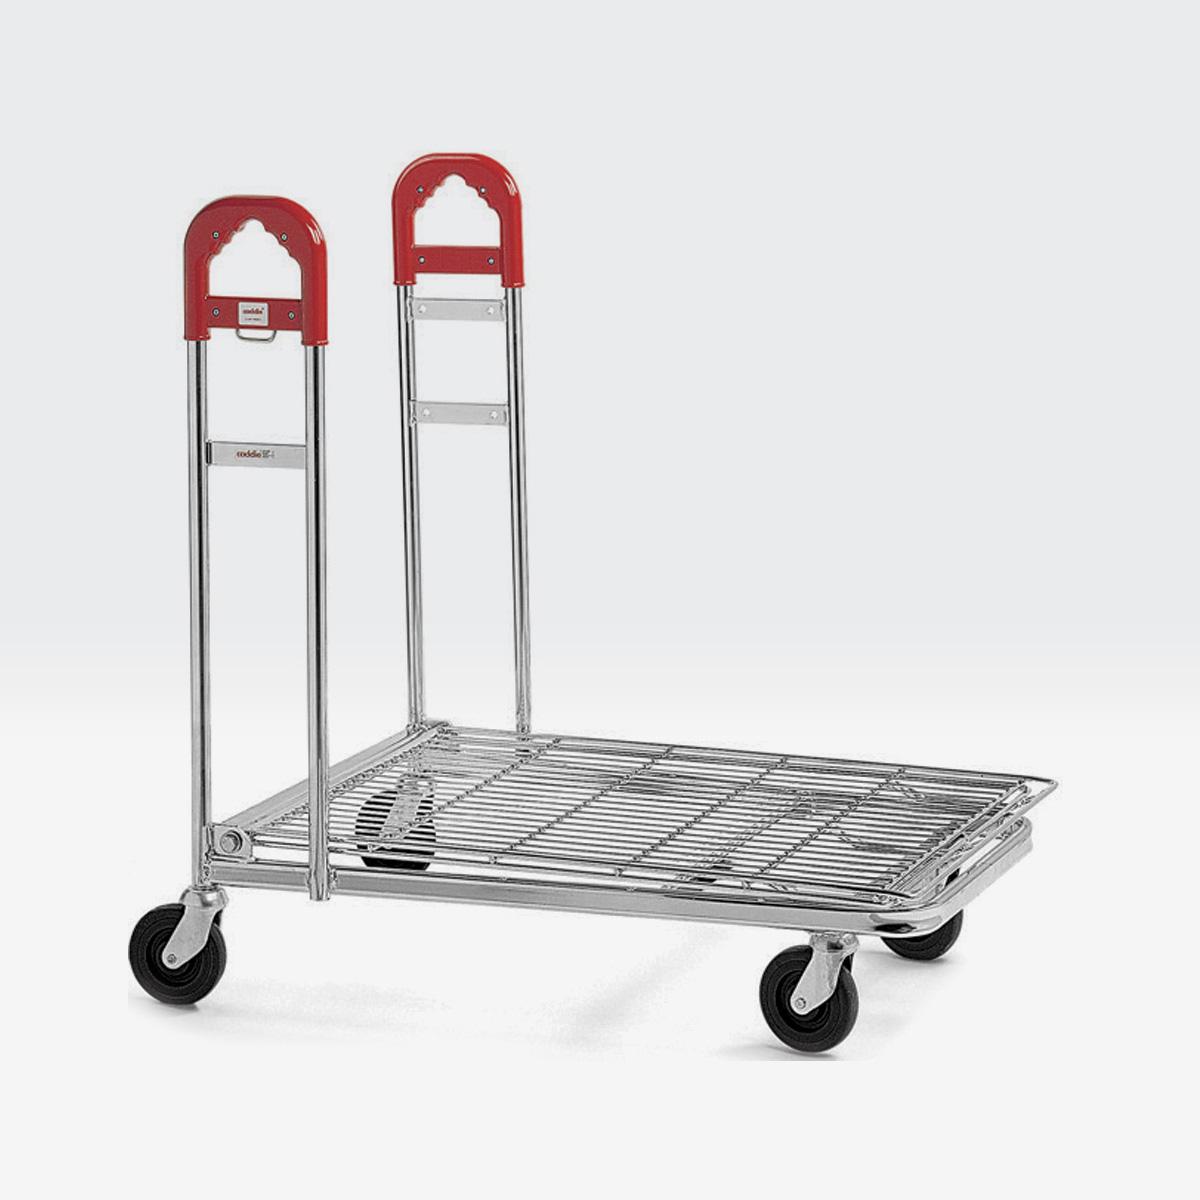 Carrello per magazzino con ruote CARRY 85